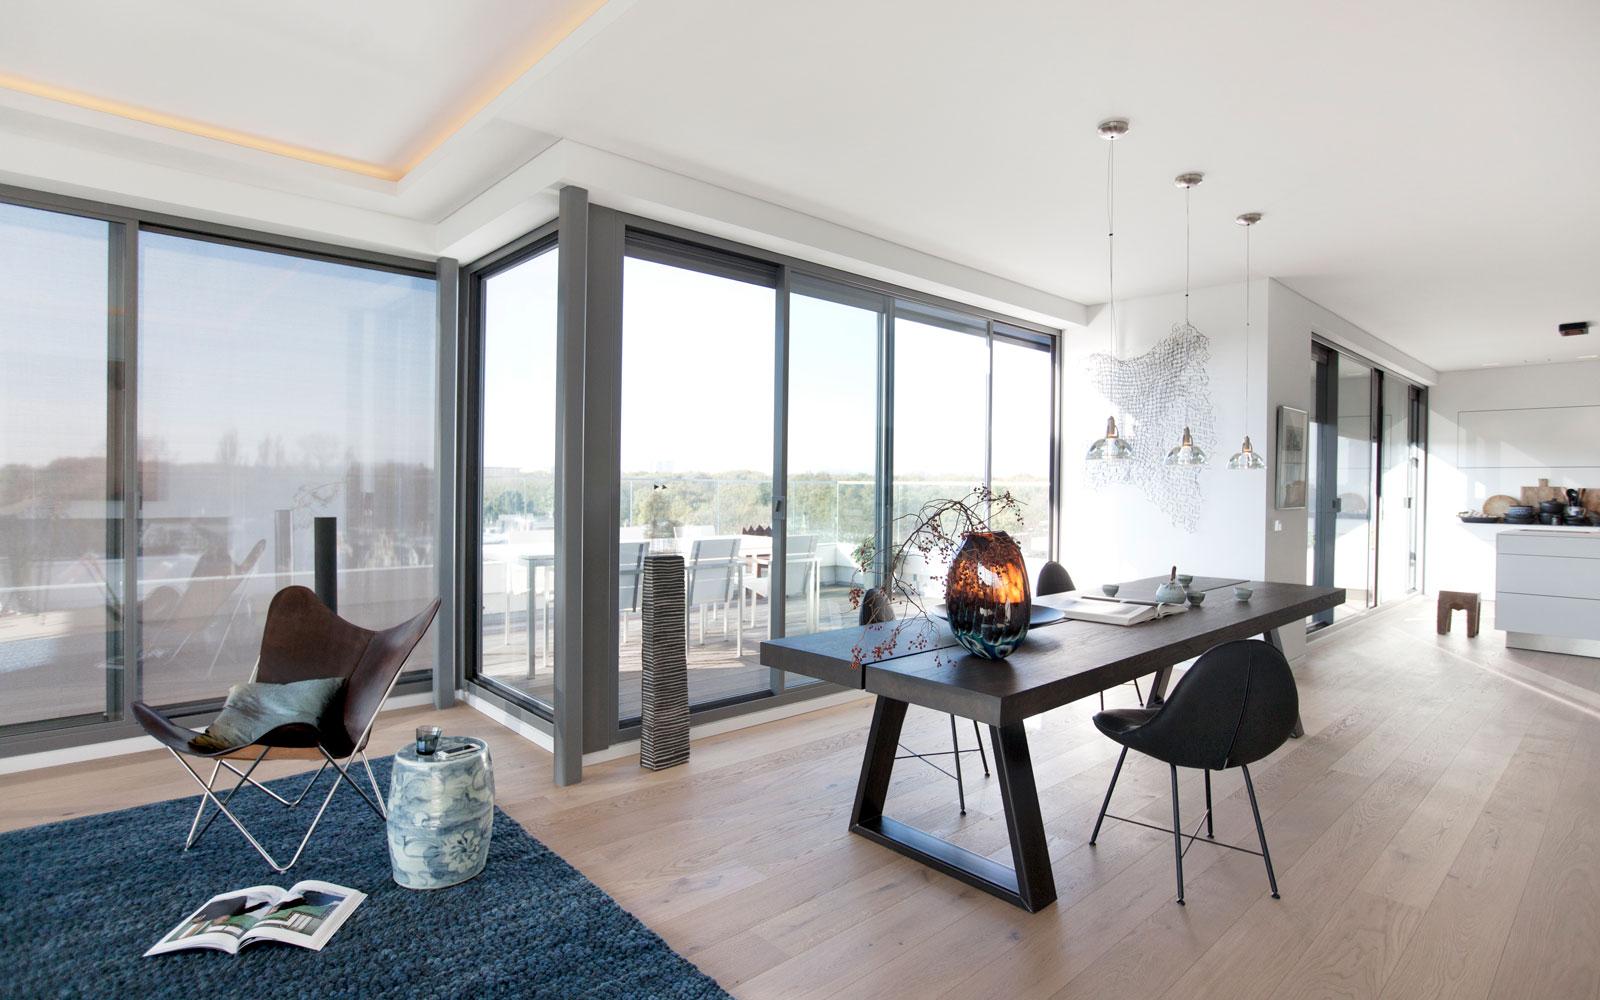 Eettafel, schuifdeur naar balkon, houten vloer door Bruynzeel Home Center, Penthouse Den Haag, Marco van Zal